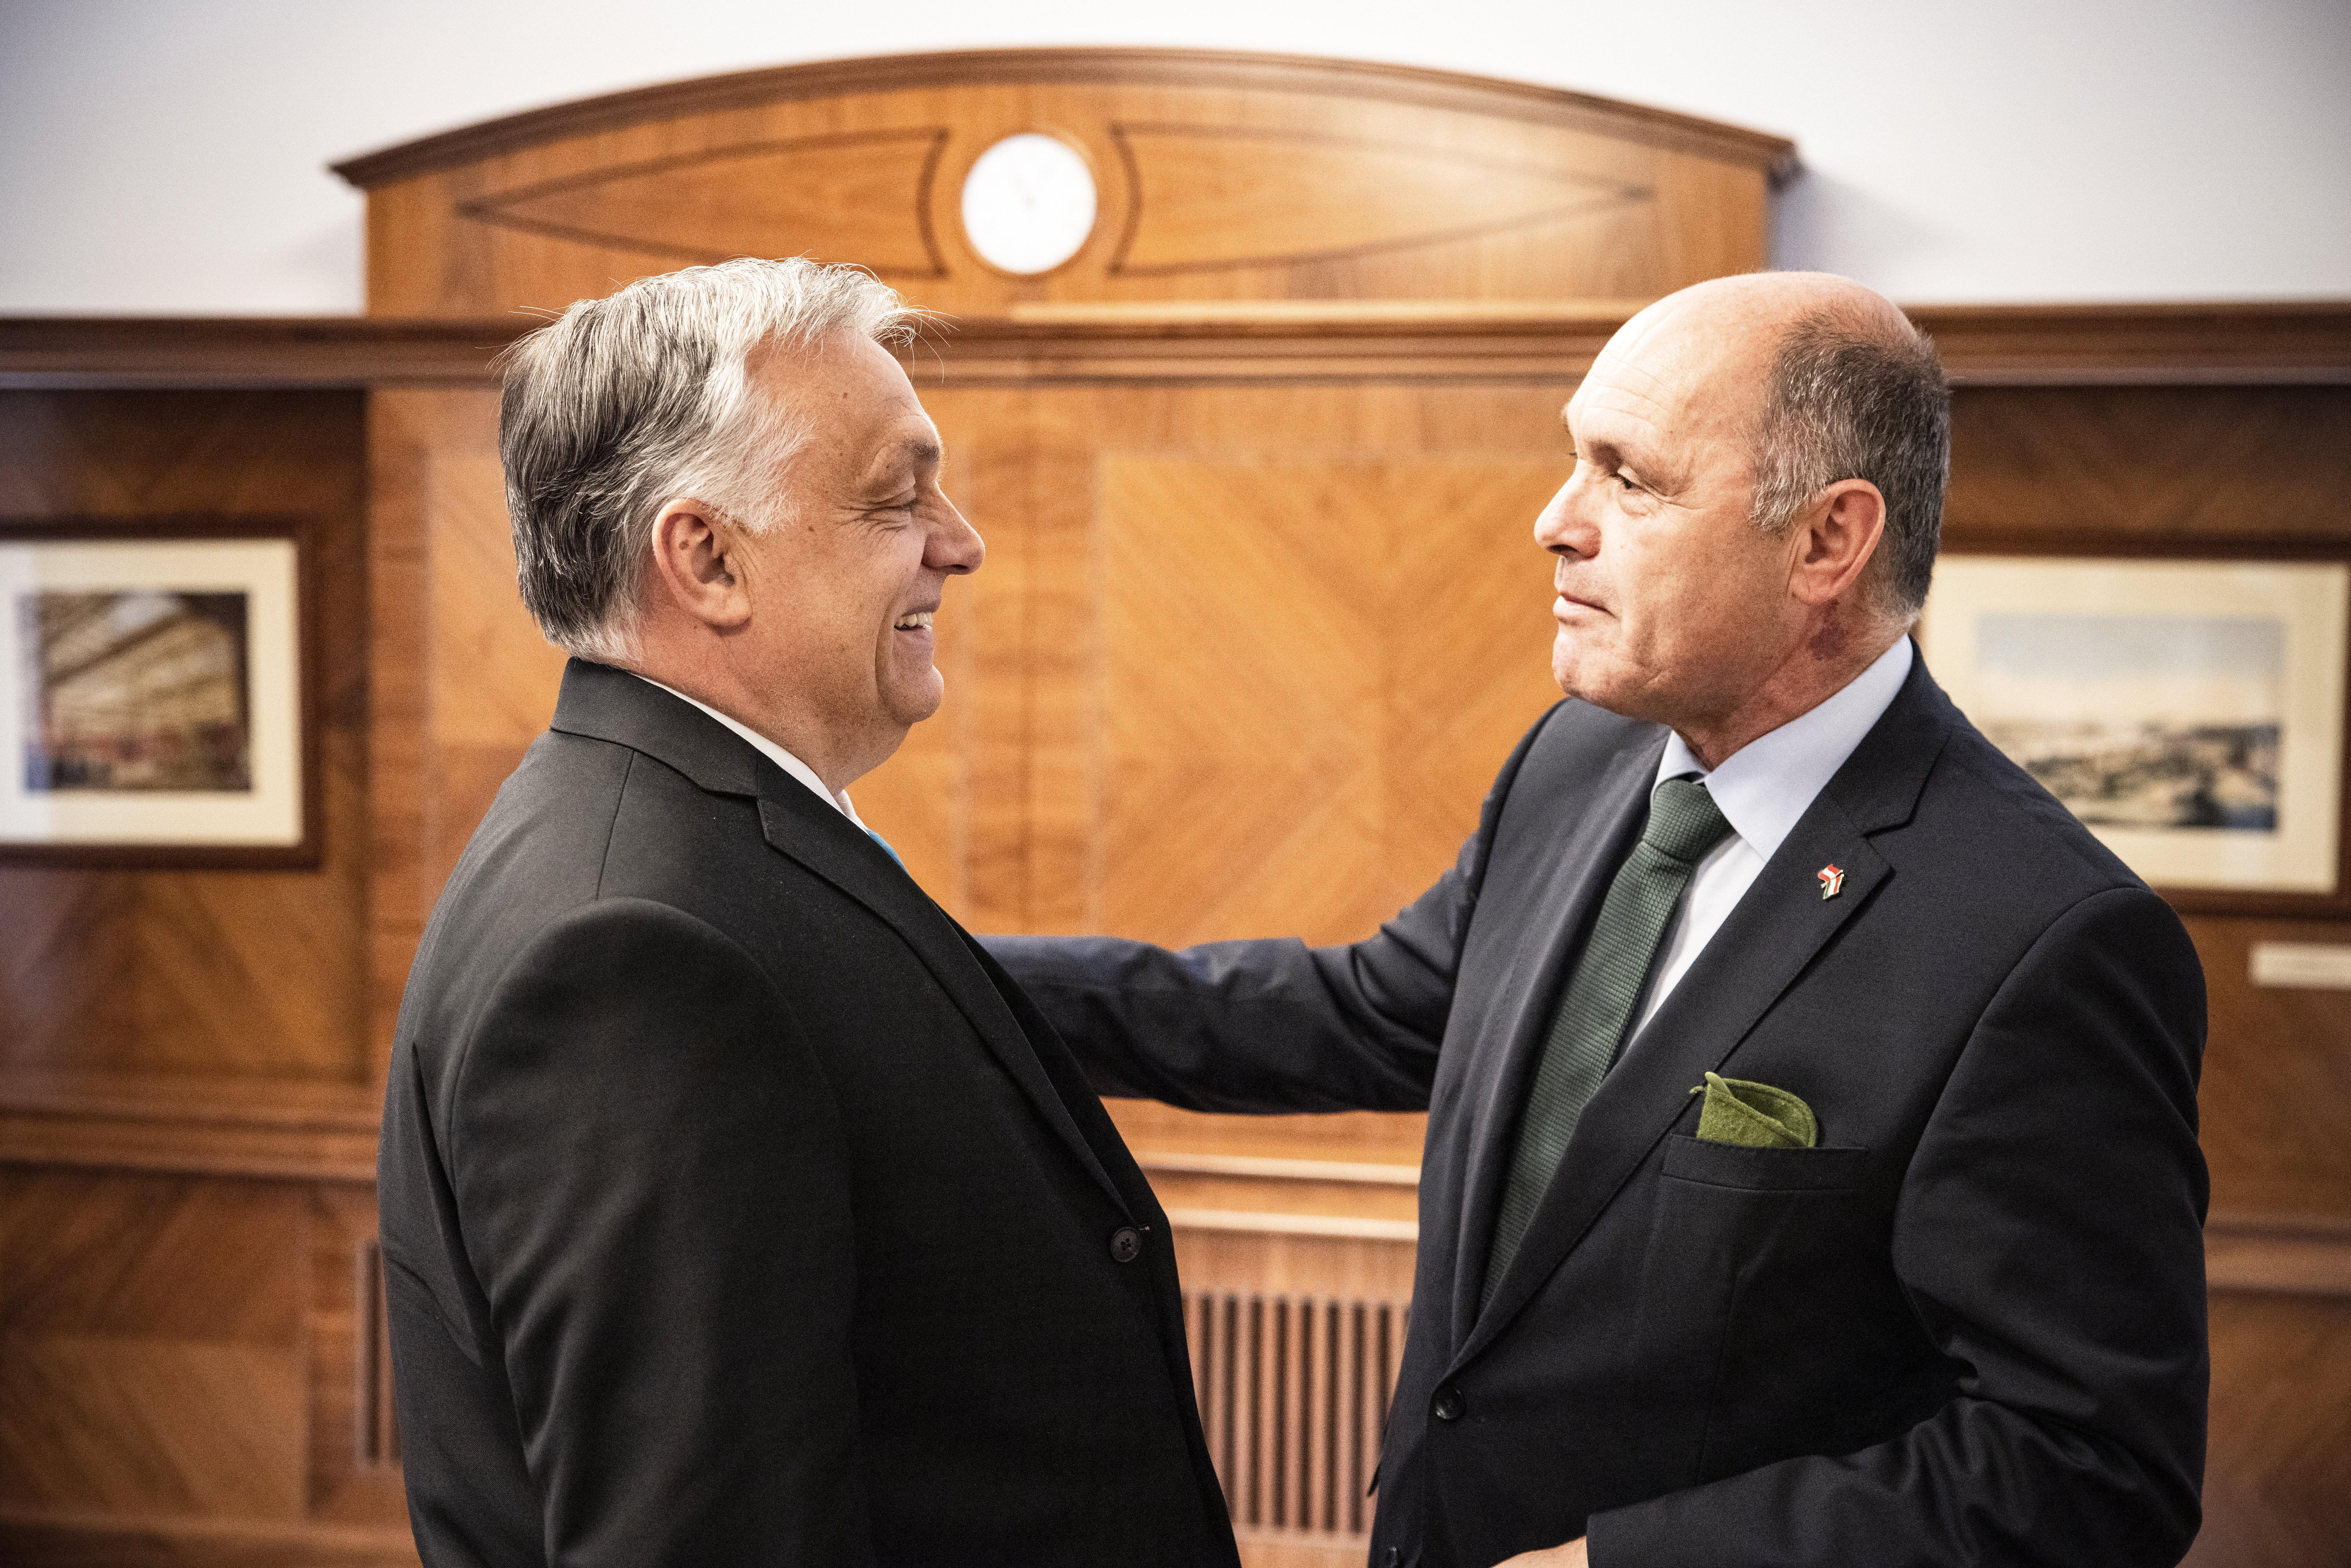 Orbán a Karmelitában győzködte Wolfgang Sobotkát, hogy az osztrákok fogadják el a magyar védettségi igazolványt